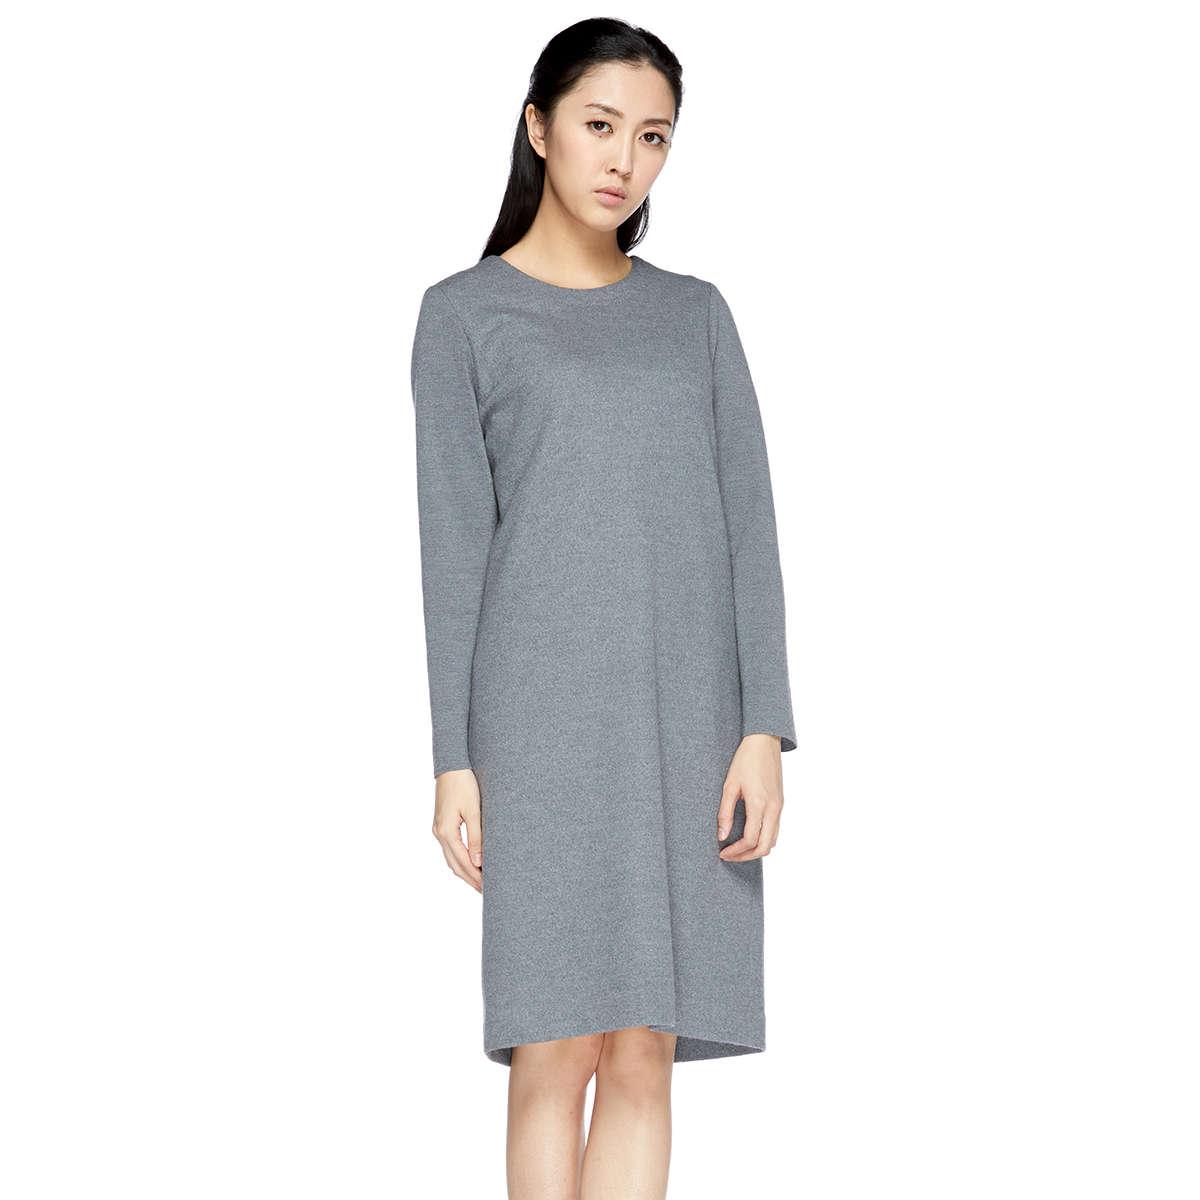 Conscious line dress